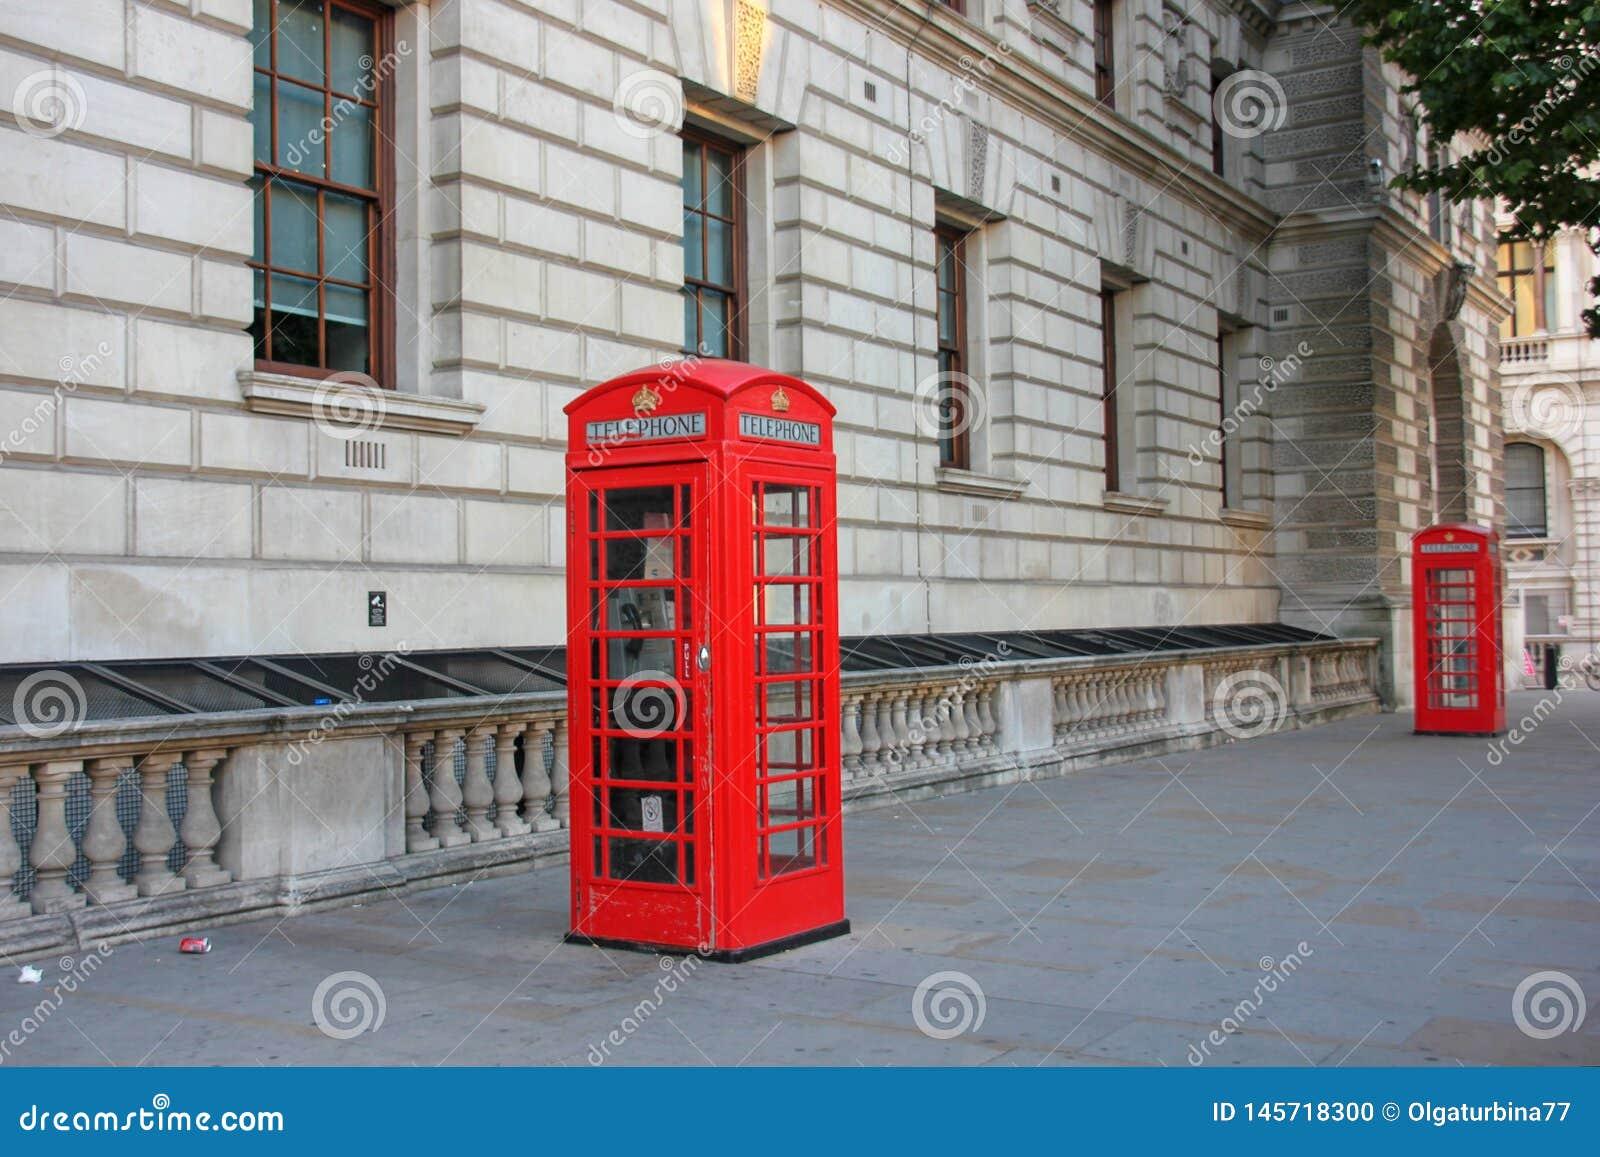 Klassieke Britse rode telefooncel op oude straat van Londen, het UK